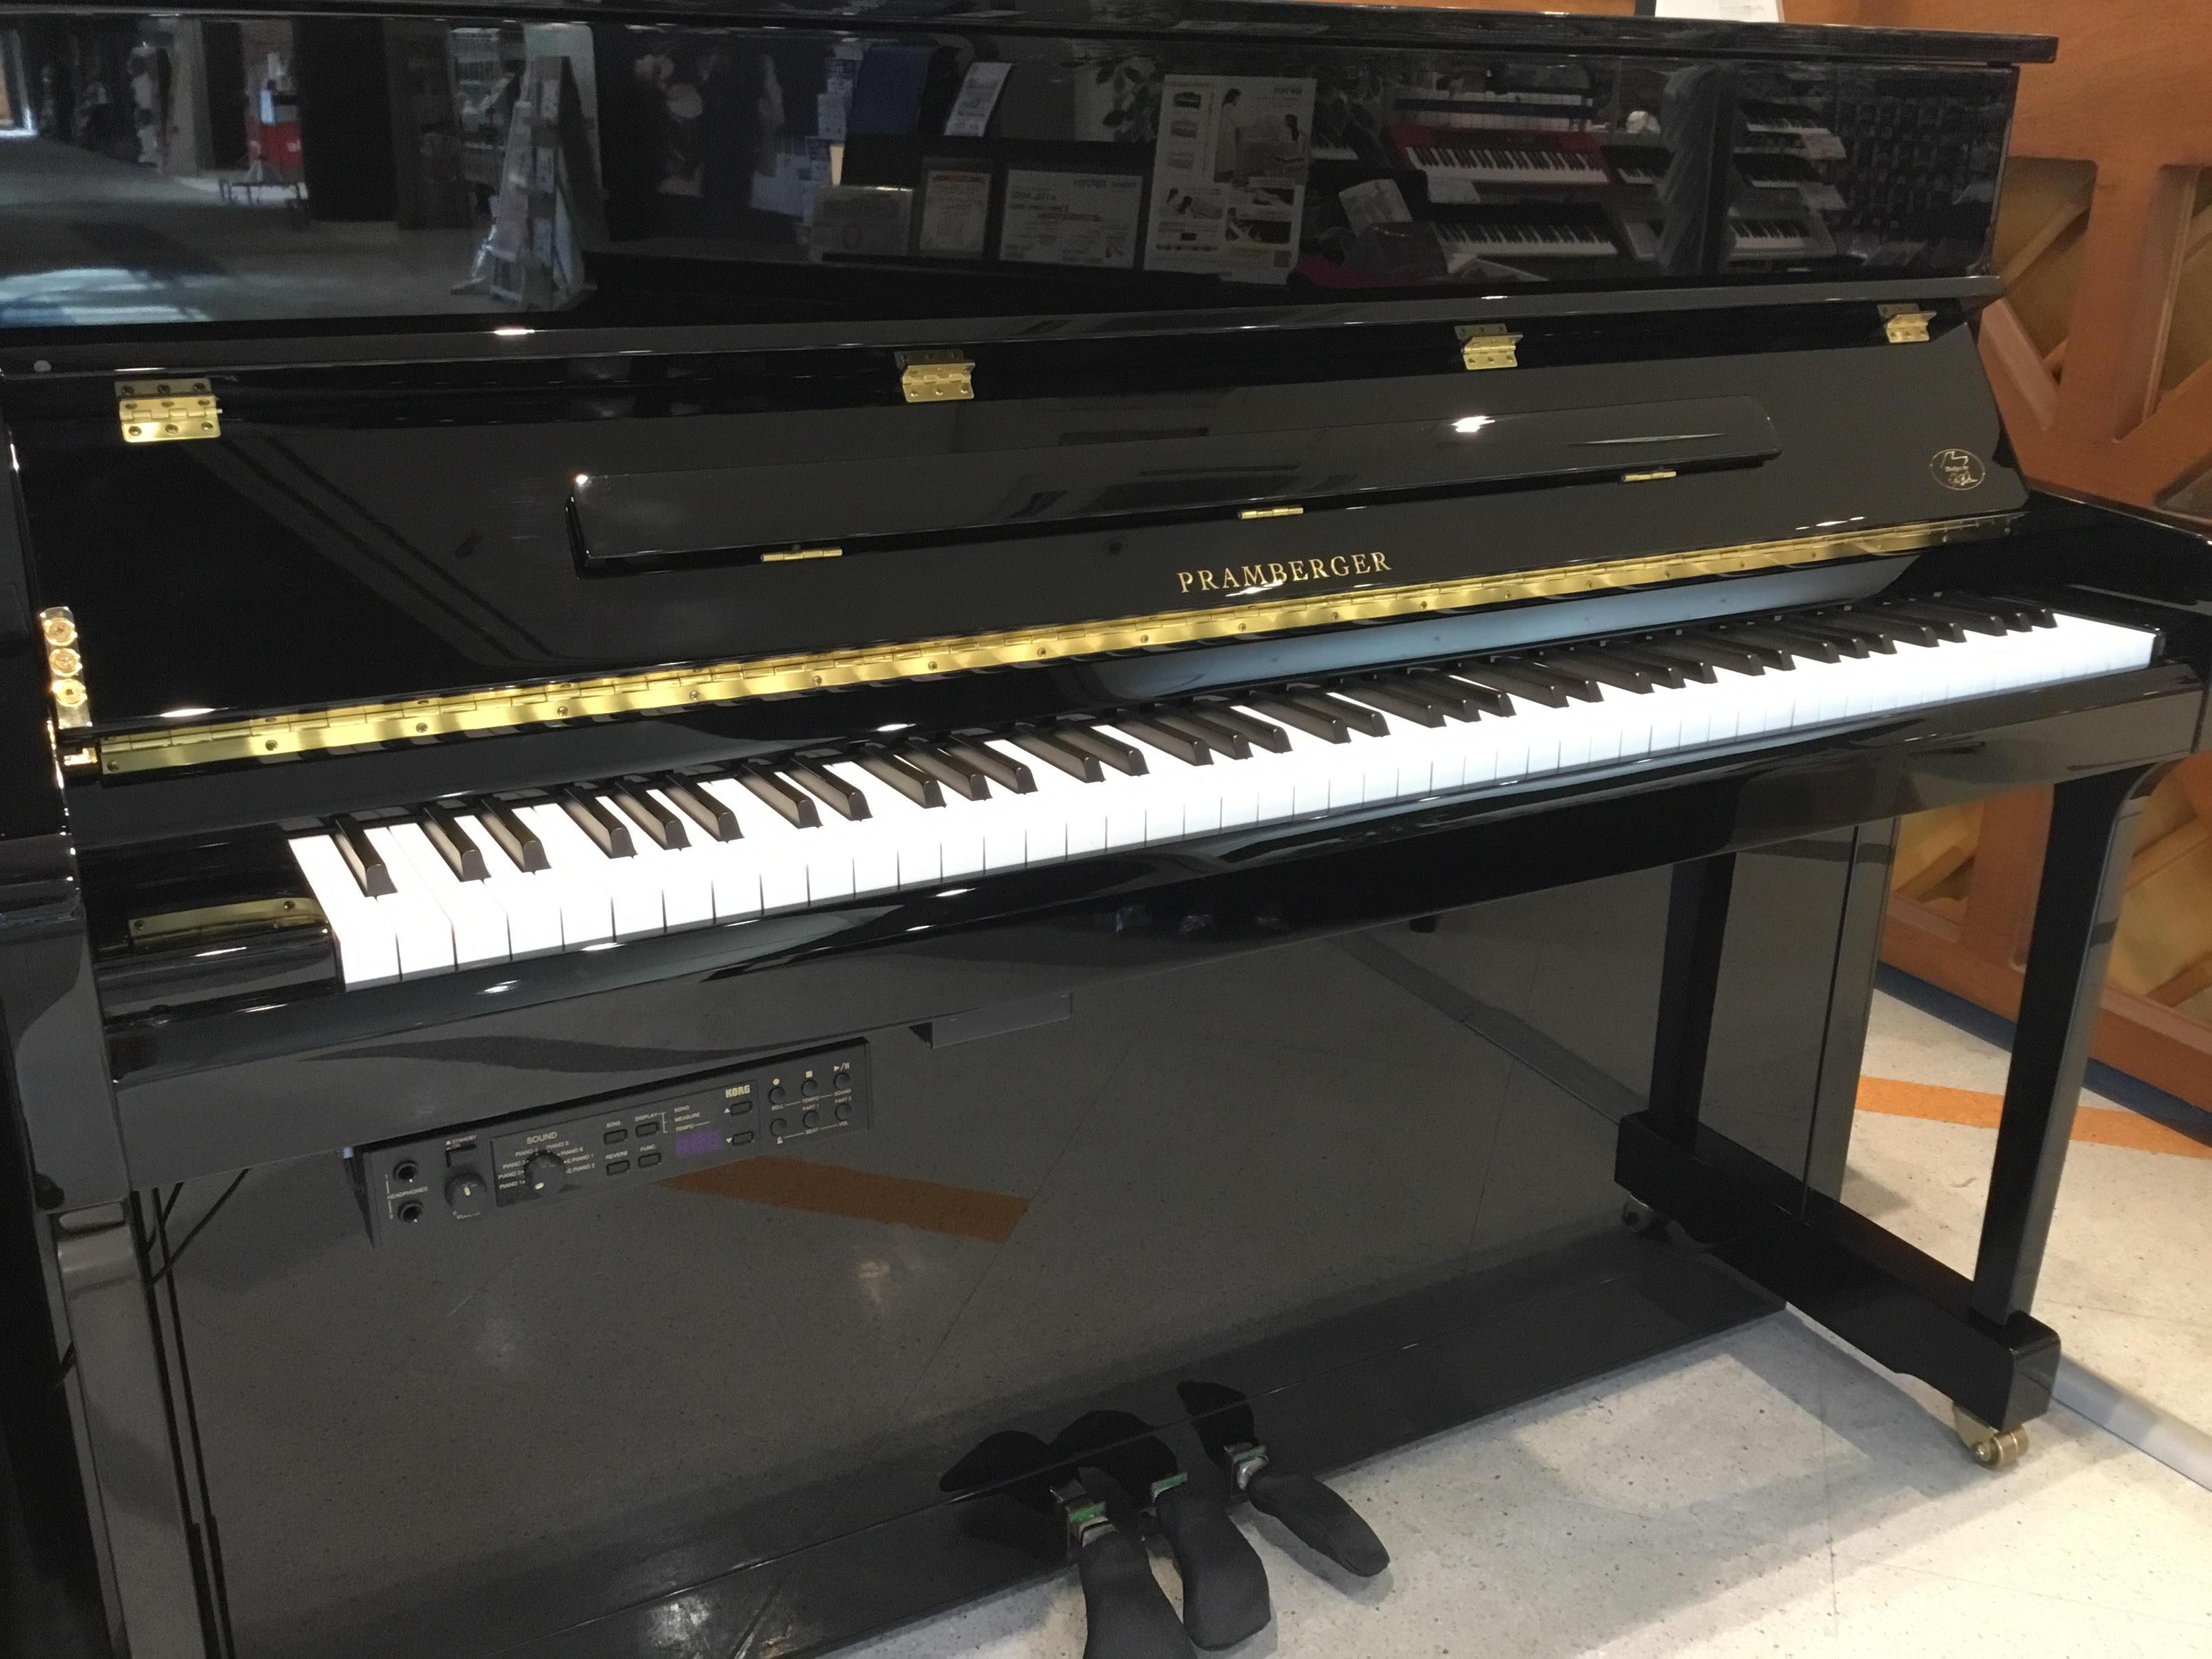 アップライトピアノ 新品 選び方 PRAMBERGER PV115 消音ユニット 千葉ニュータウン 印西 価格